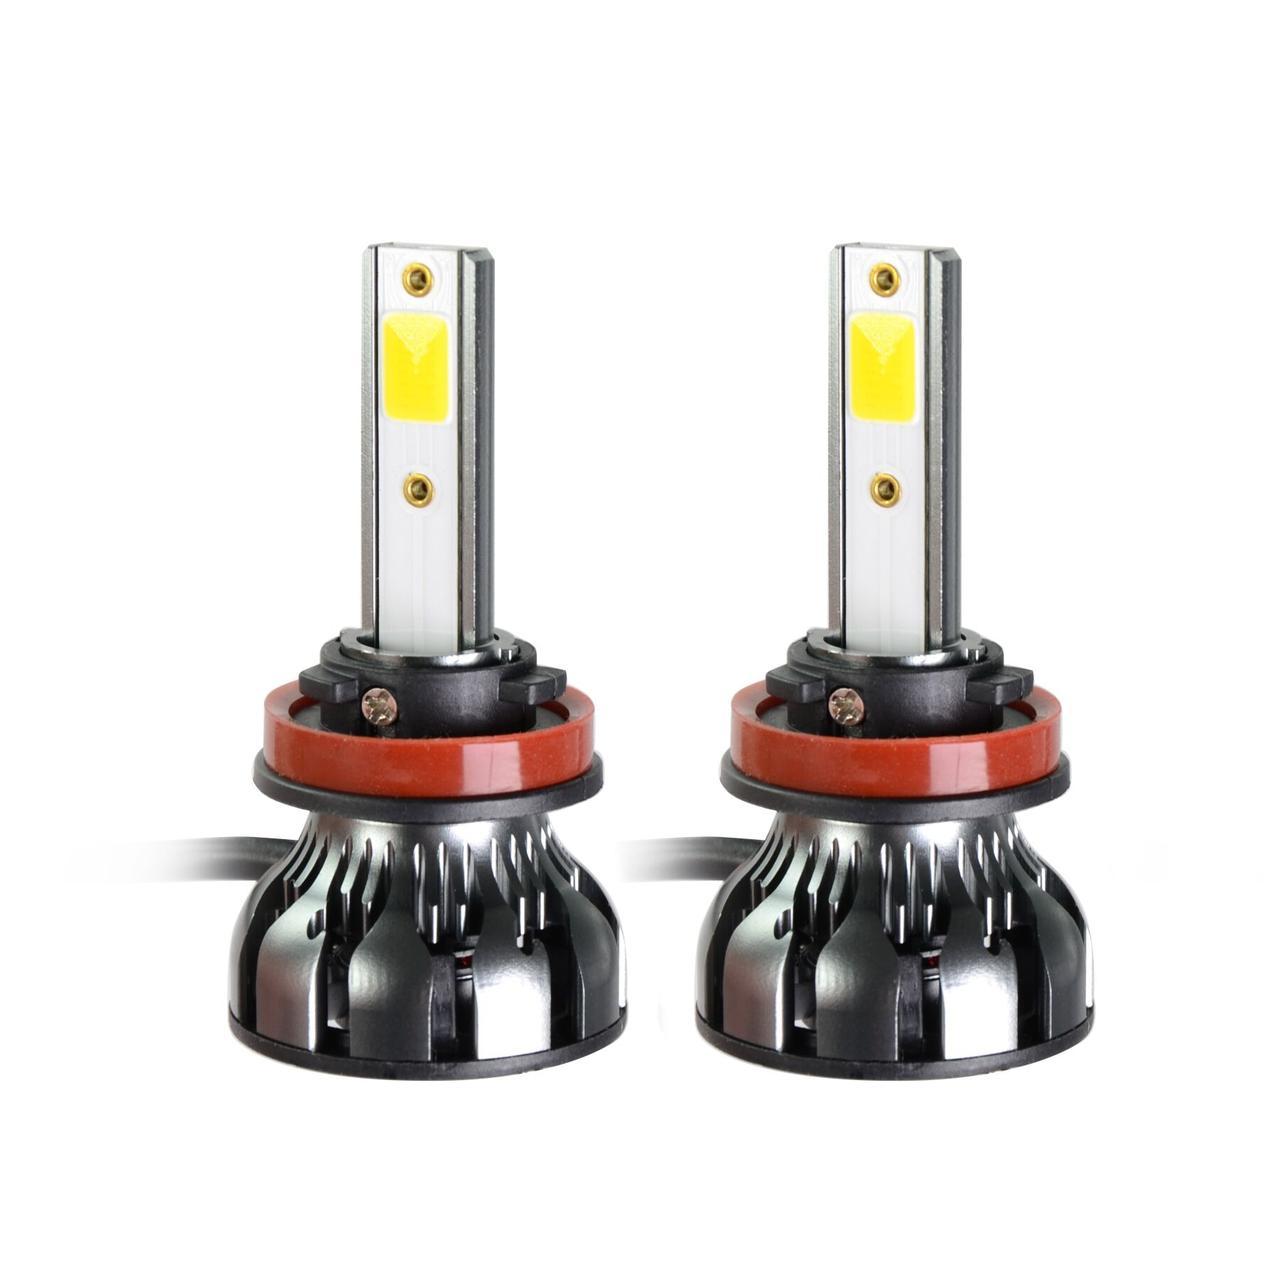 Светодиодные LED лампы MLux Grey Line H11 (H8, H9), 26 Вт, 5000°К